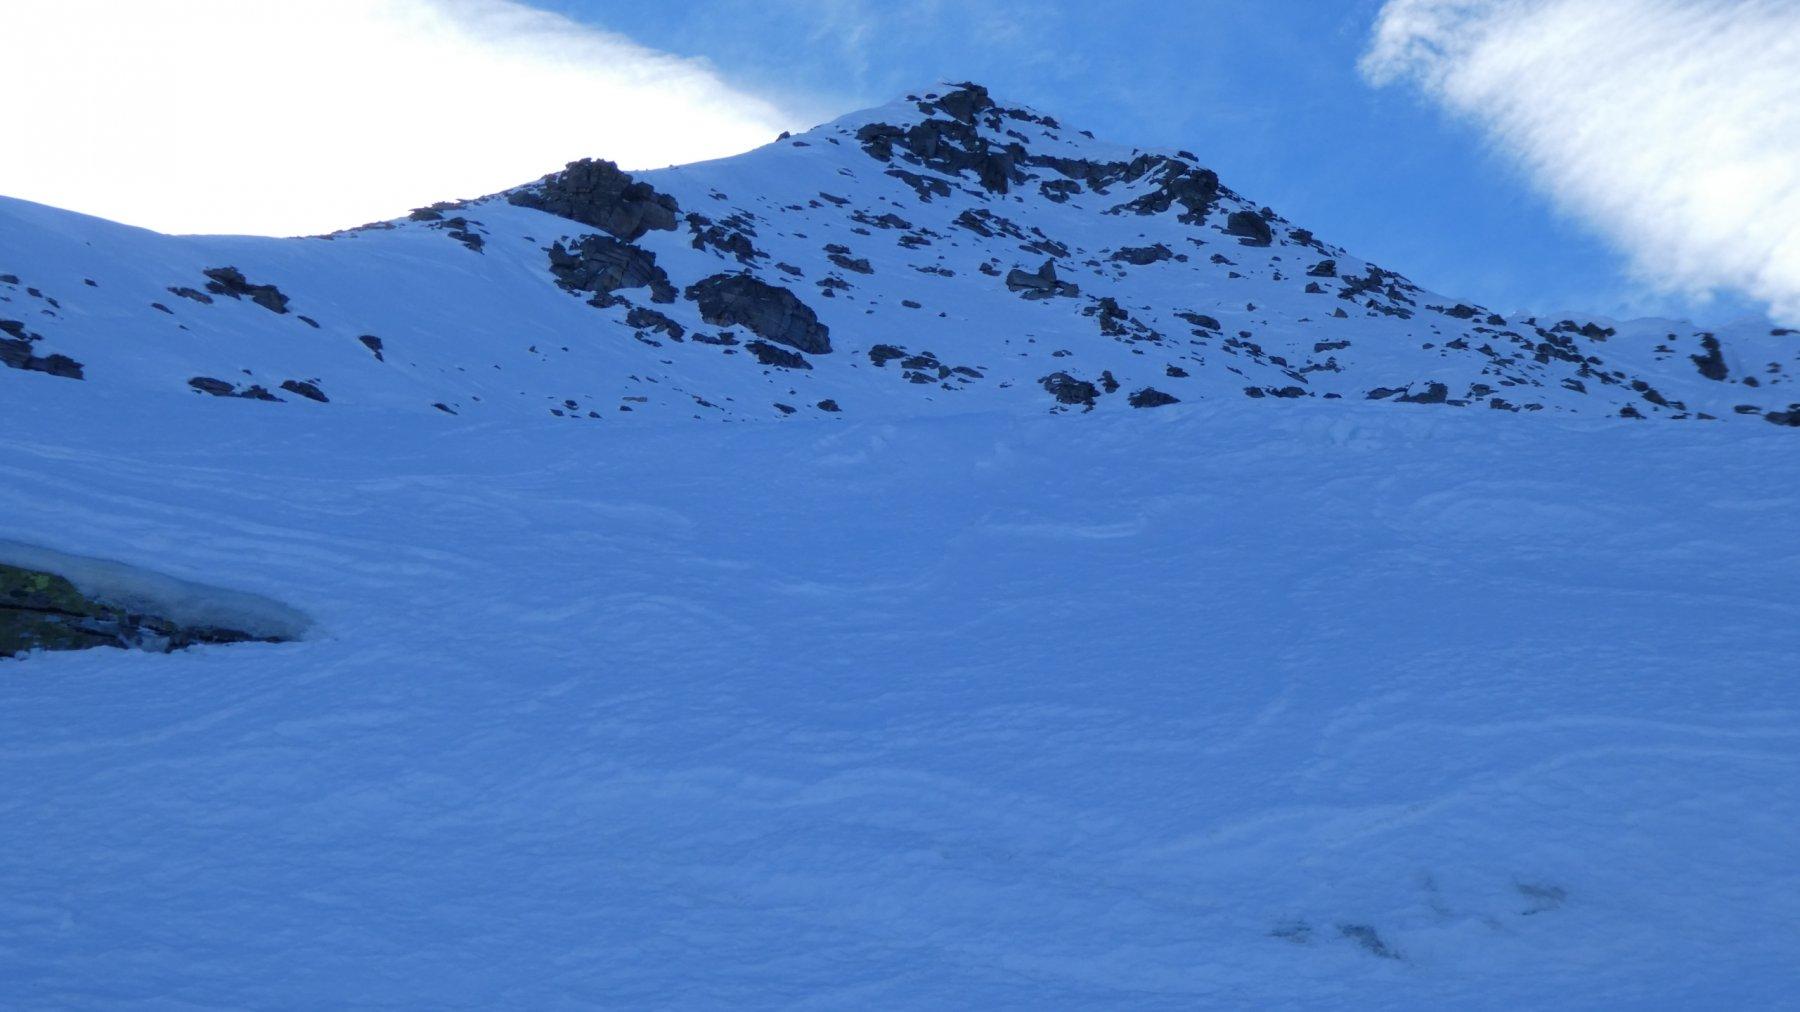 osservando la cresta di salita e la cima dal pendio sottostante al Colle di Nel